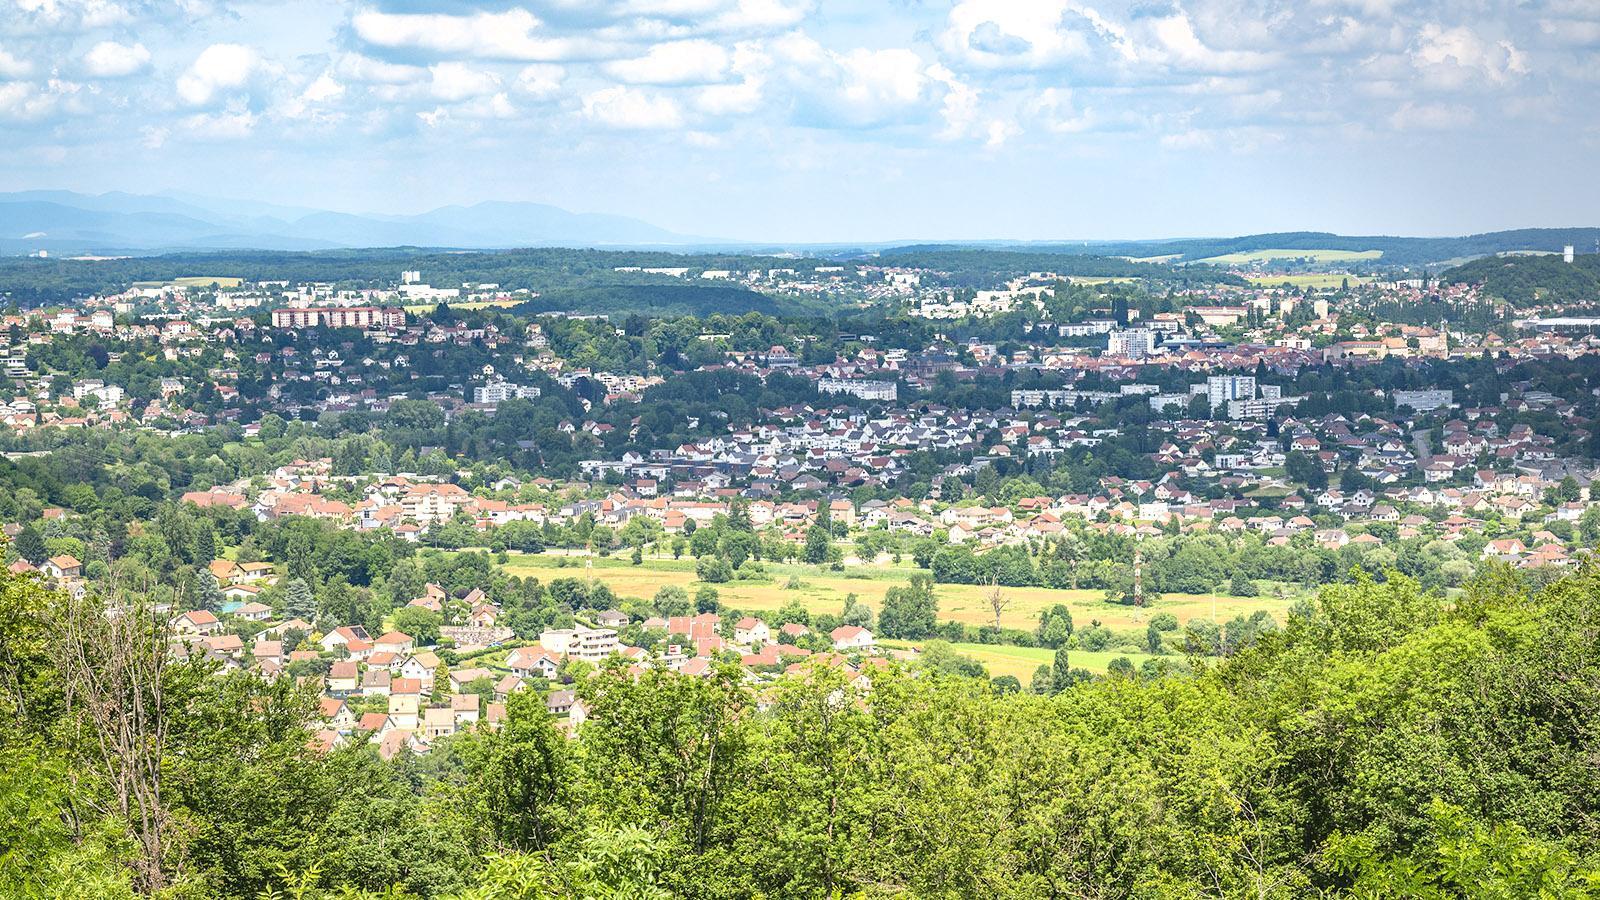 Der Blick vom Mont-Bart auf Montbéliard. Foto: Hilke Maunder